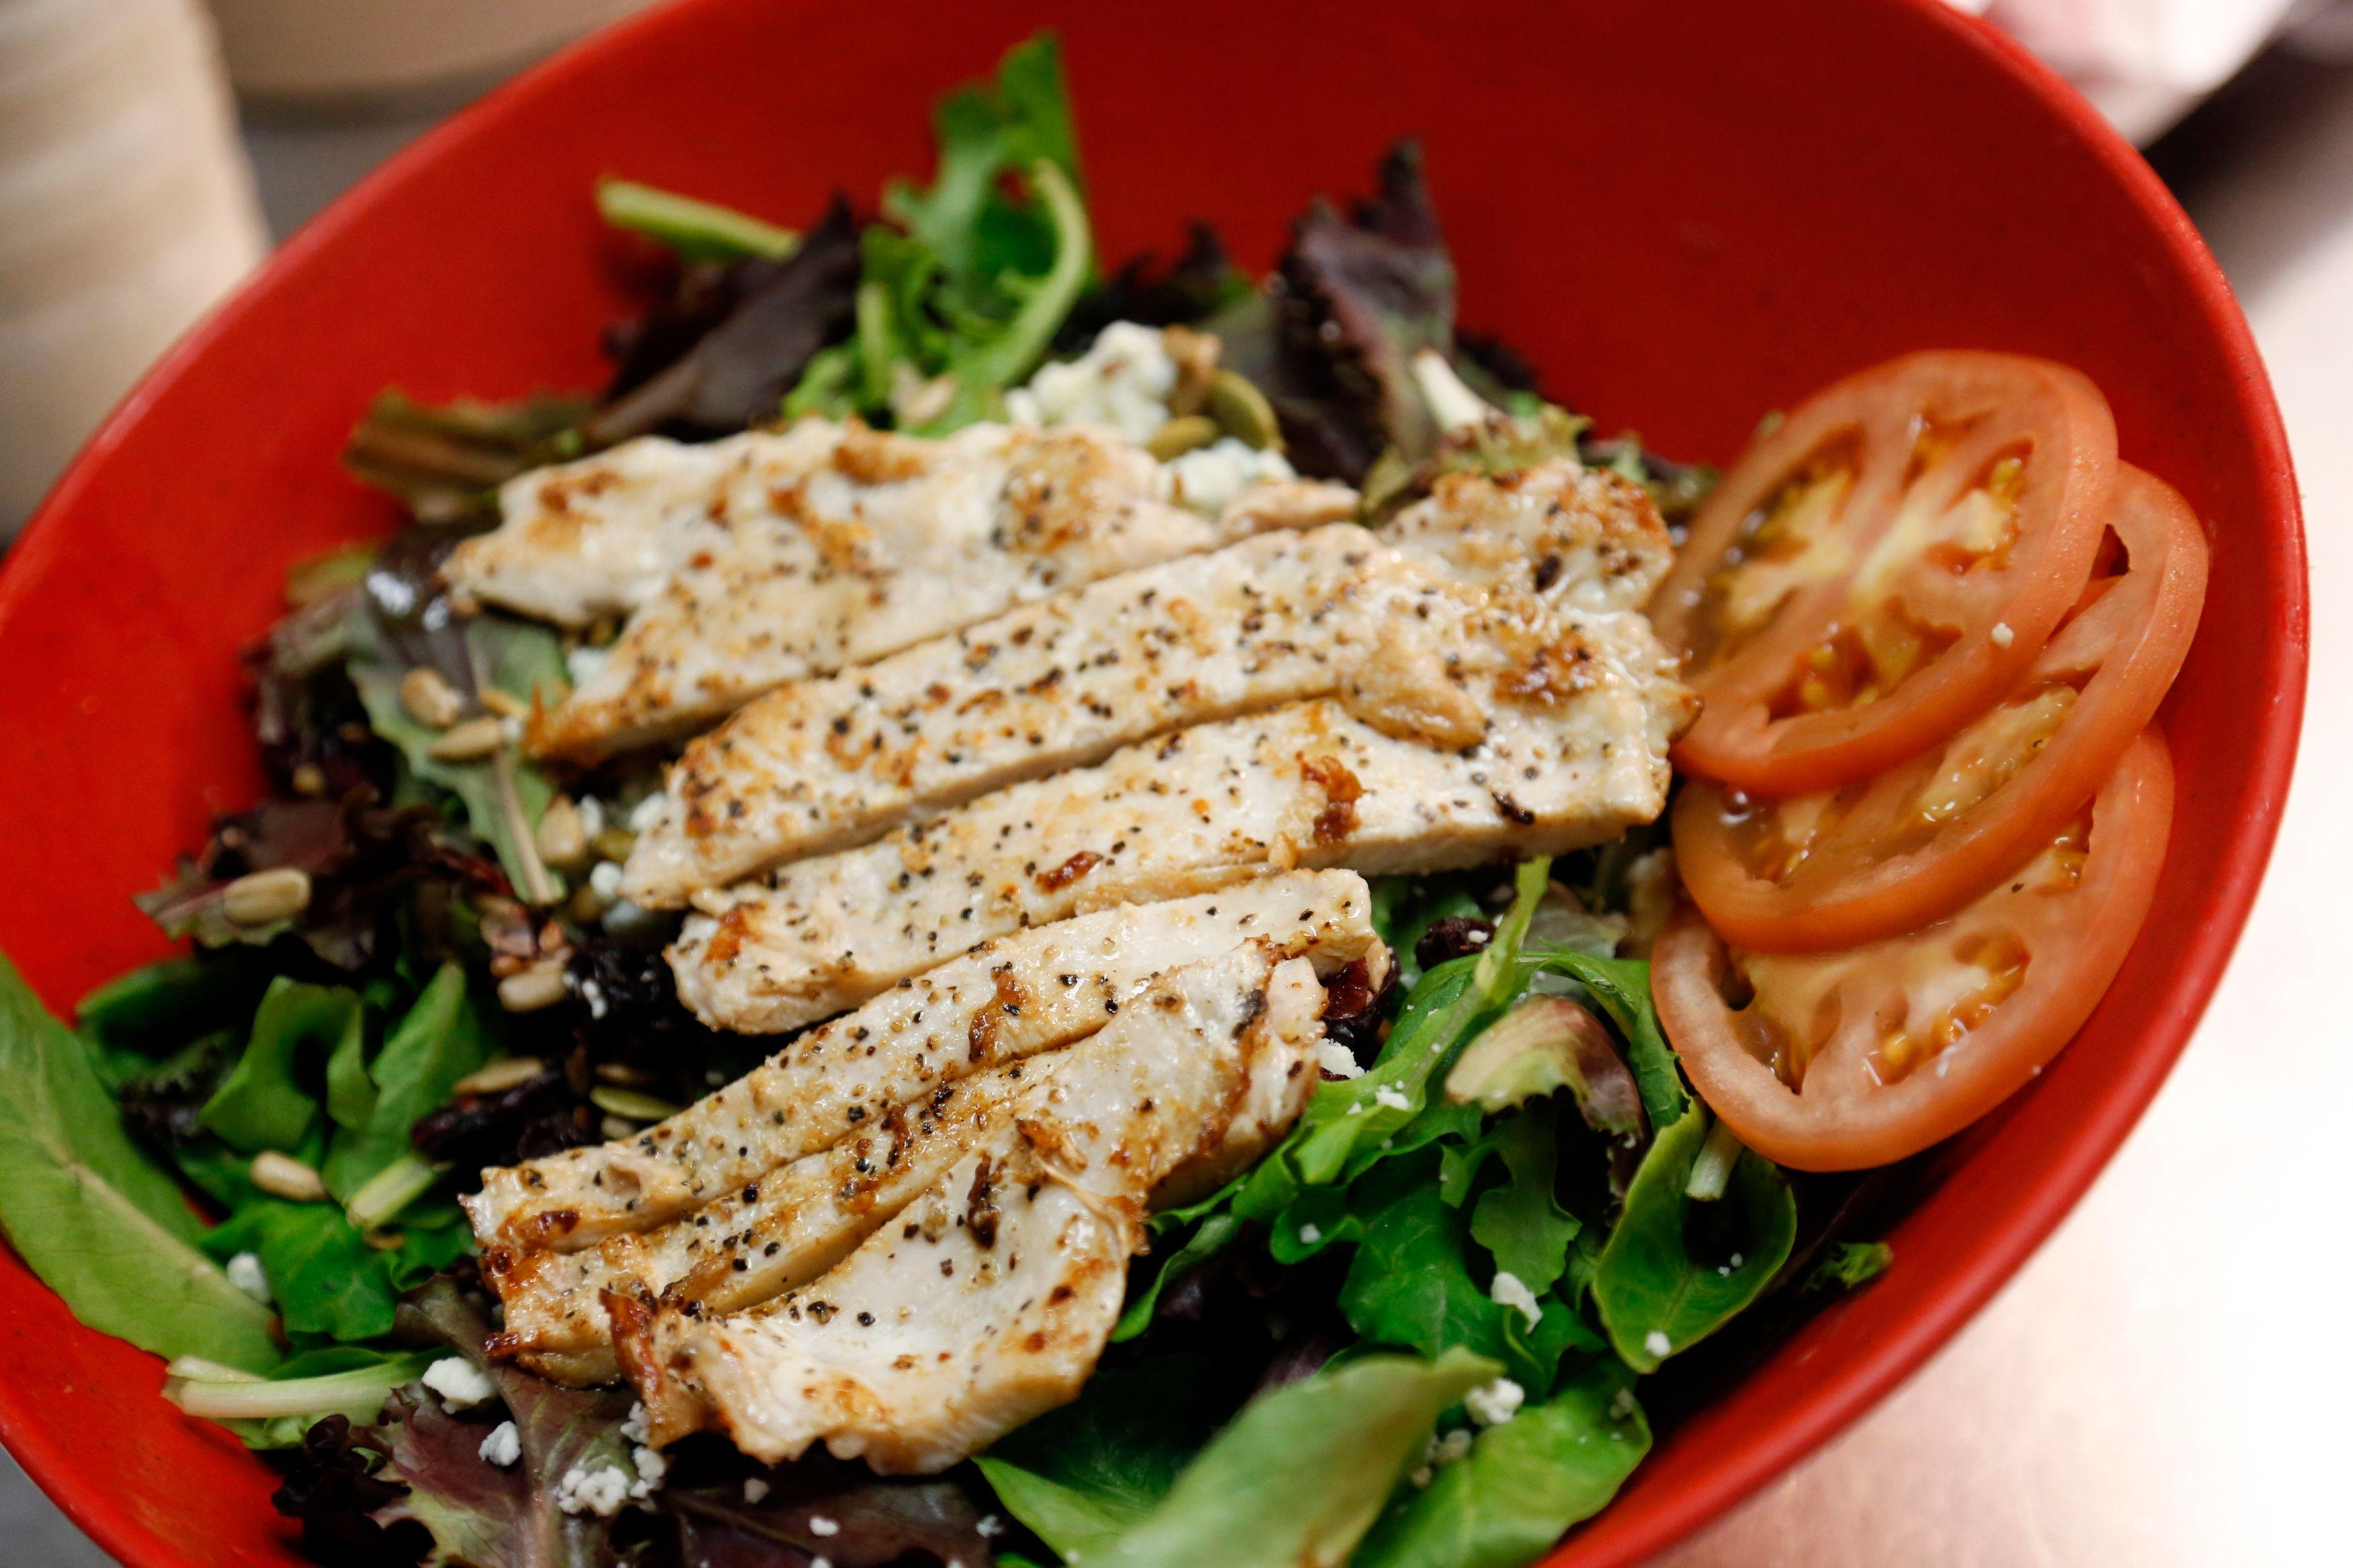 Dwight Lundell estime que la seule solution pour lutter contre les maladies cardiaques est la nourriture saine.